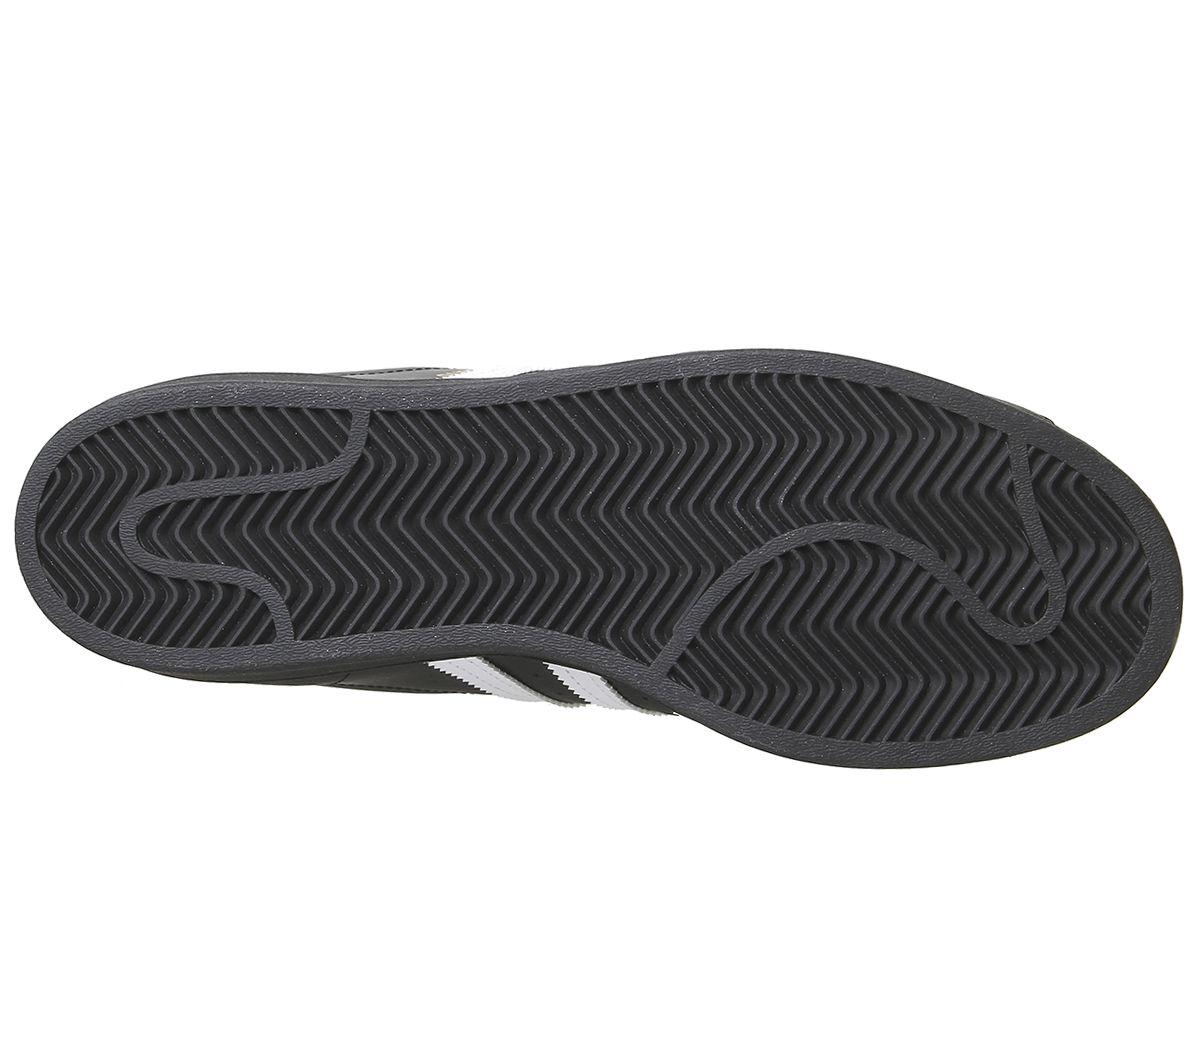 Adidas-Superstar-Baskets-Noir-Blanc-Baskets-Chaussures miniature 4